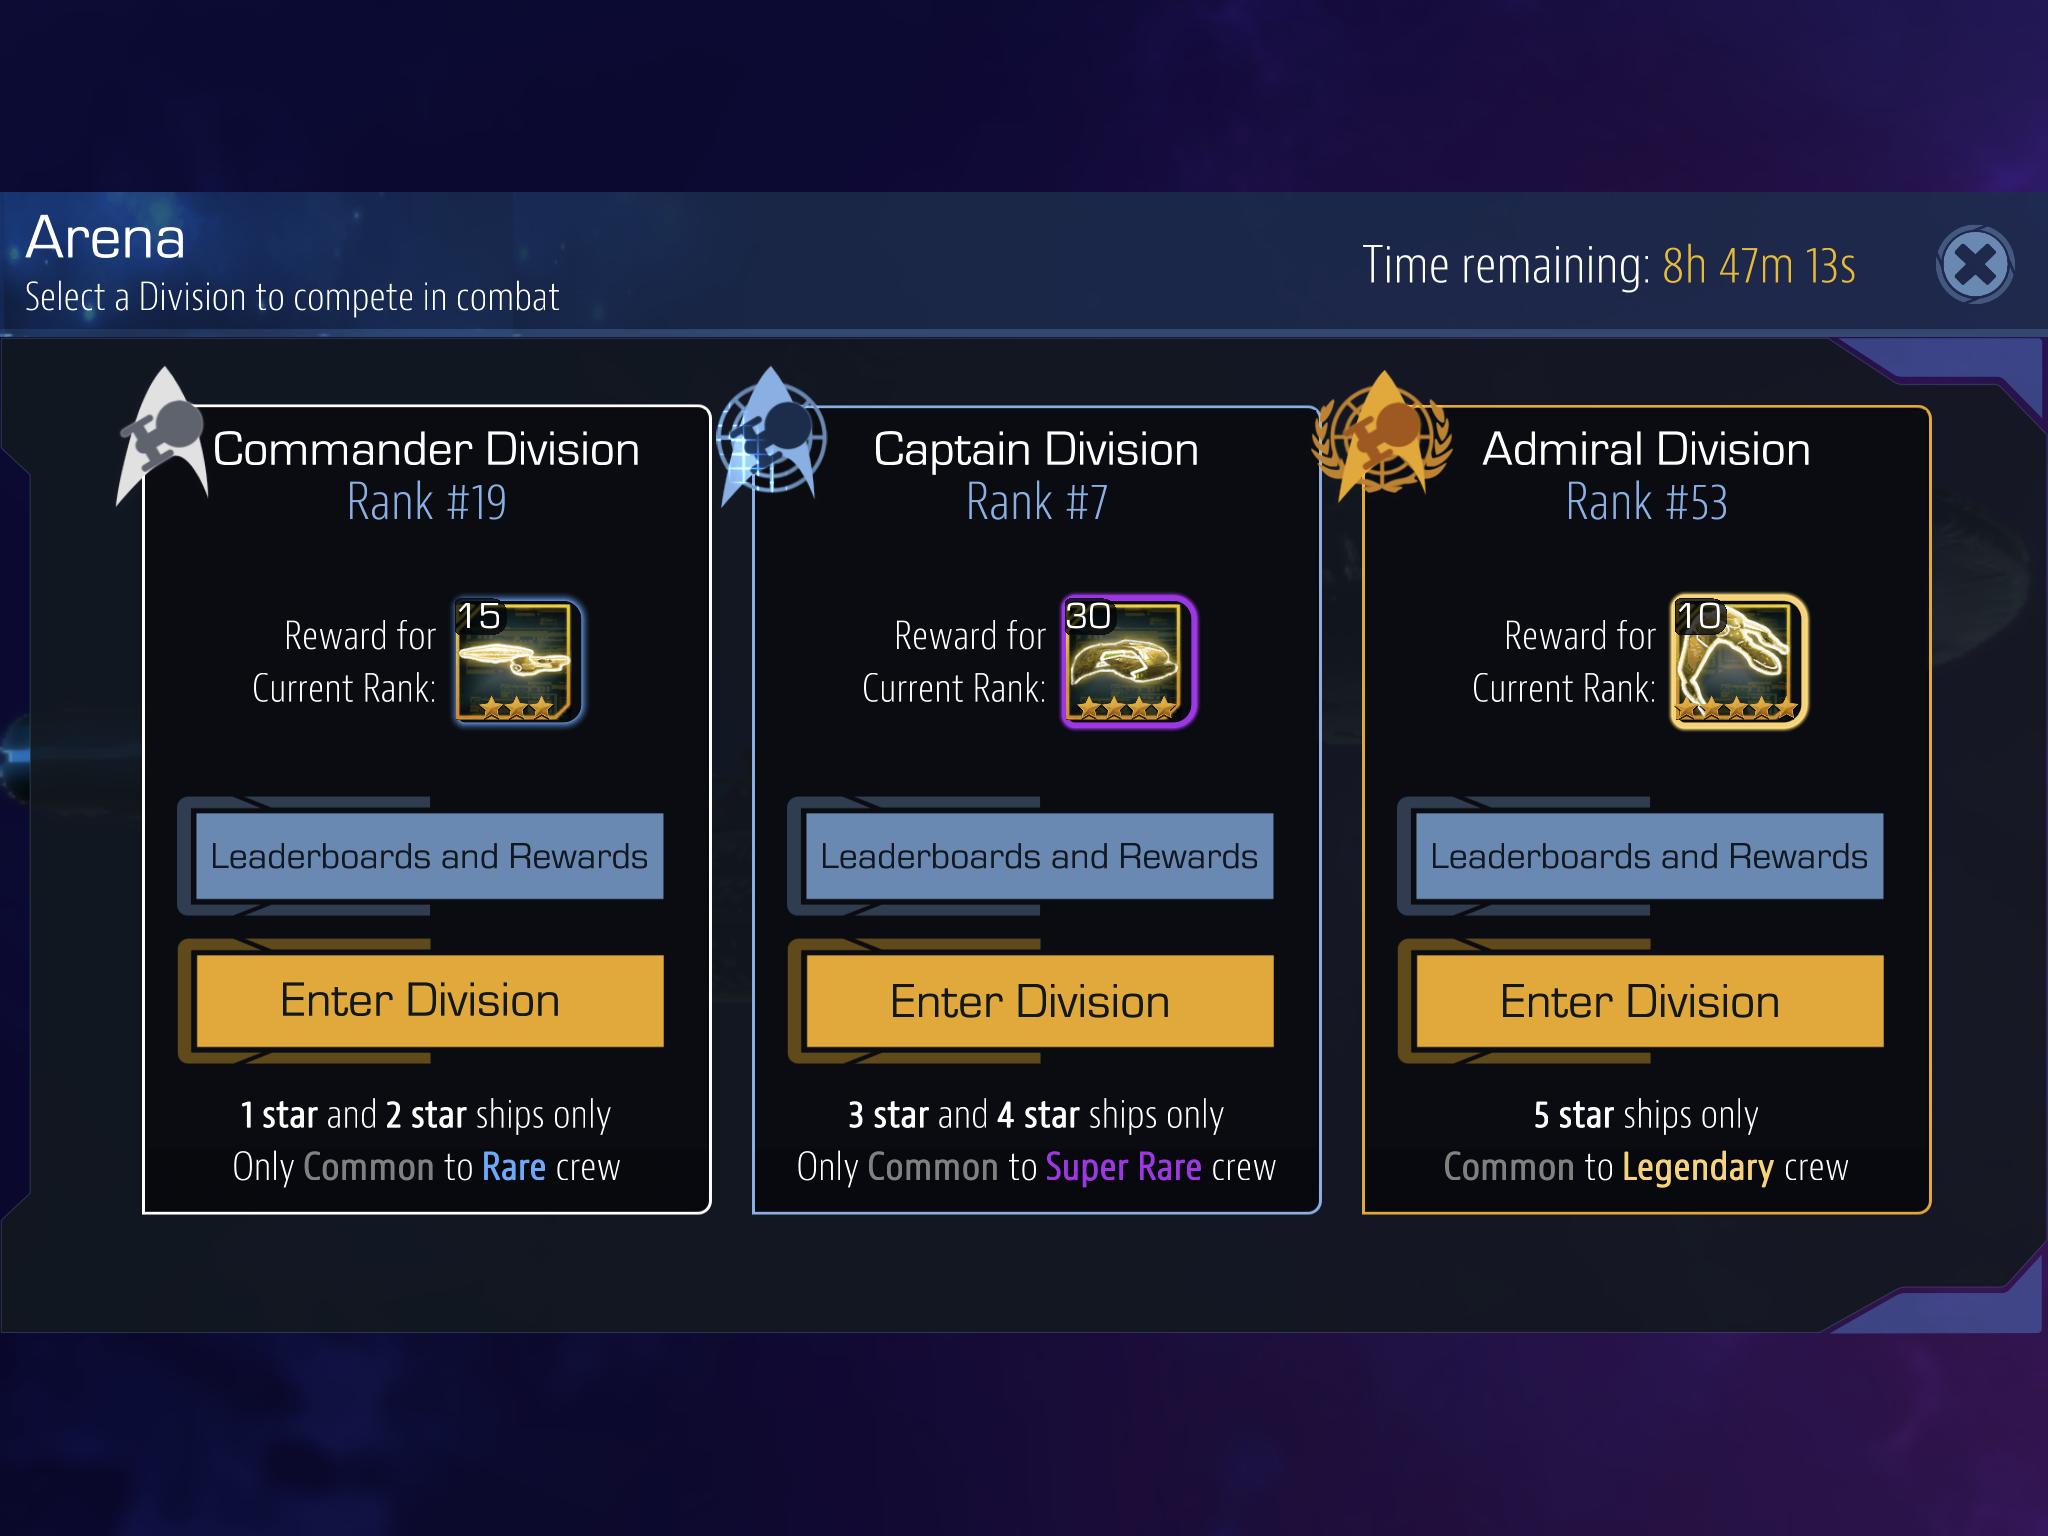 choose-a-division-battle-arena-star-trek-timelines